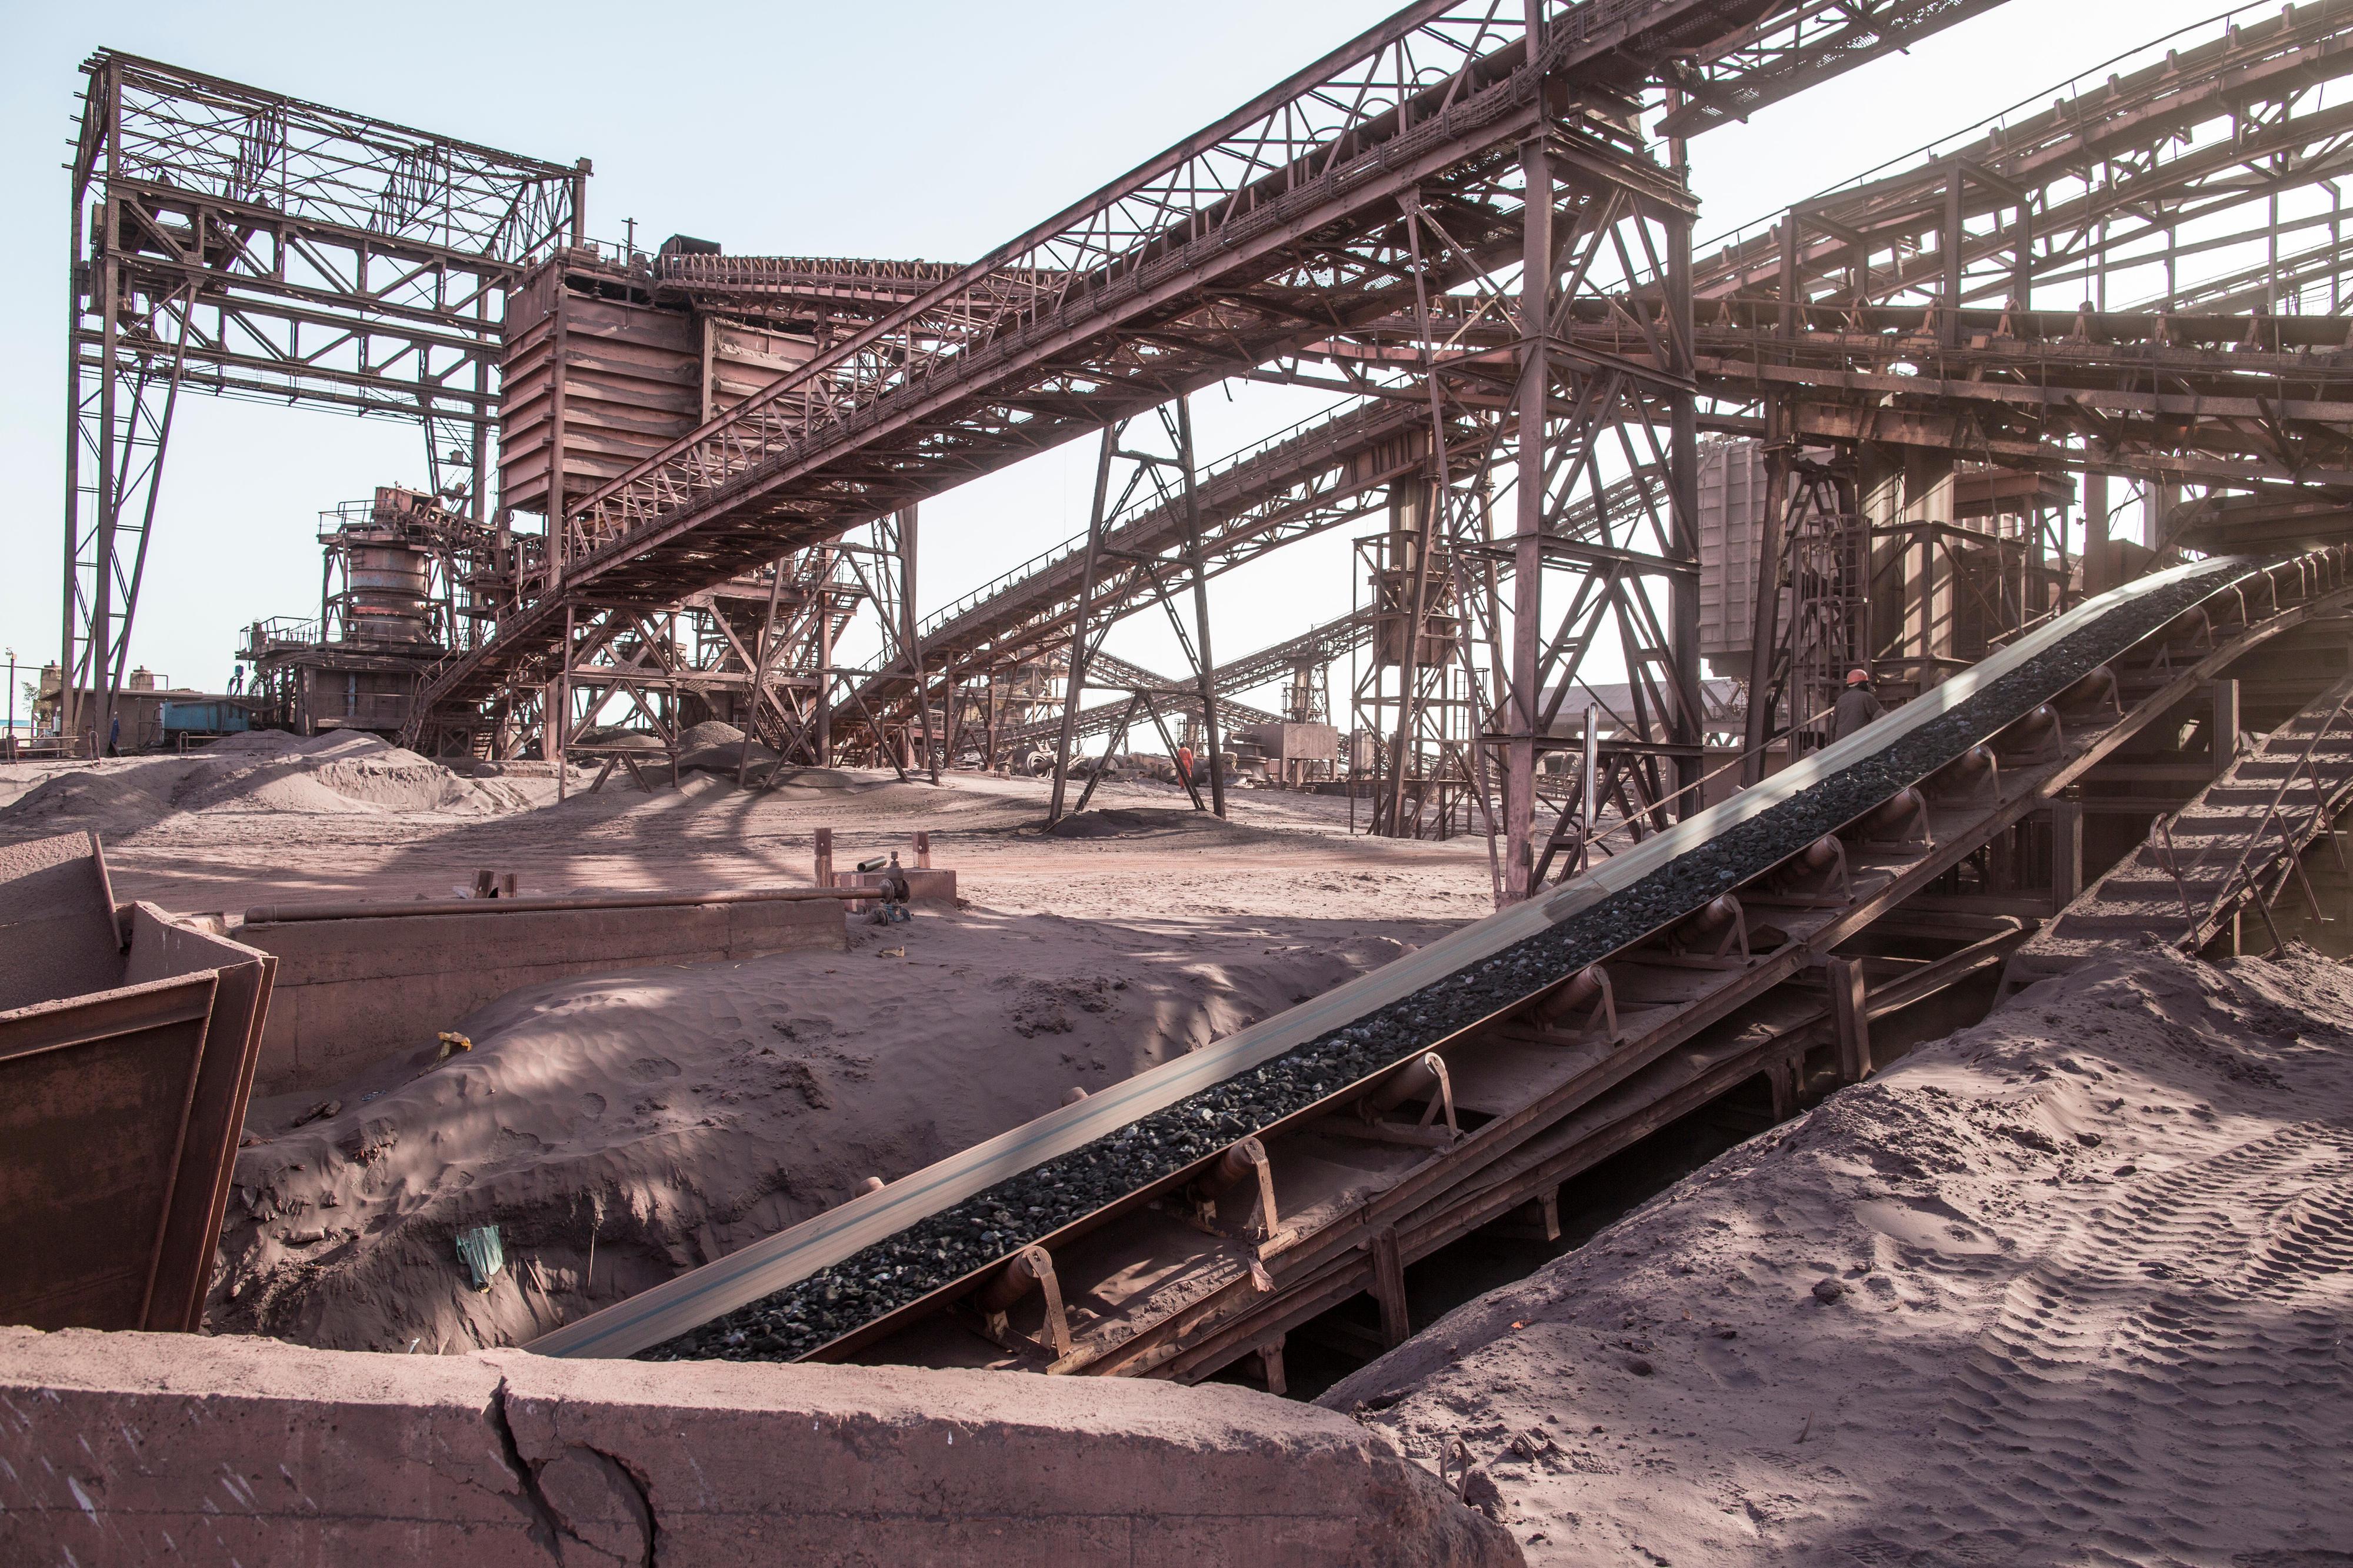 Verladezentrum eines Eisenerzunternehmens in Nouadhibou, Mauretanien